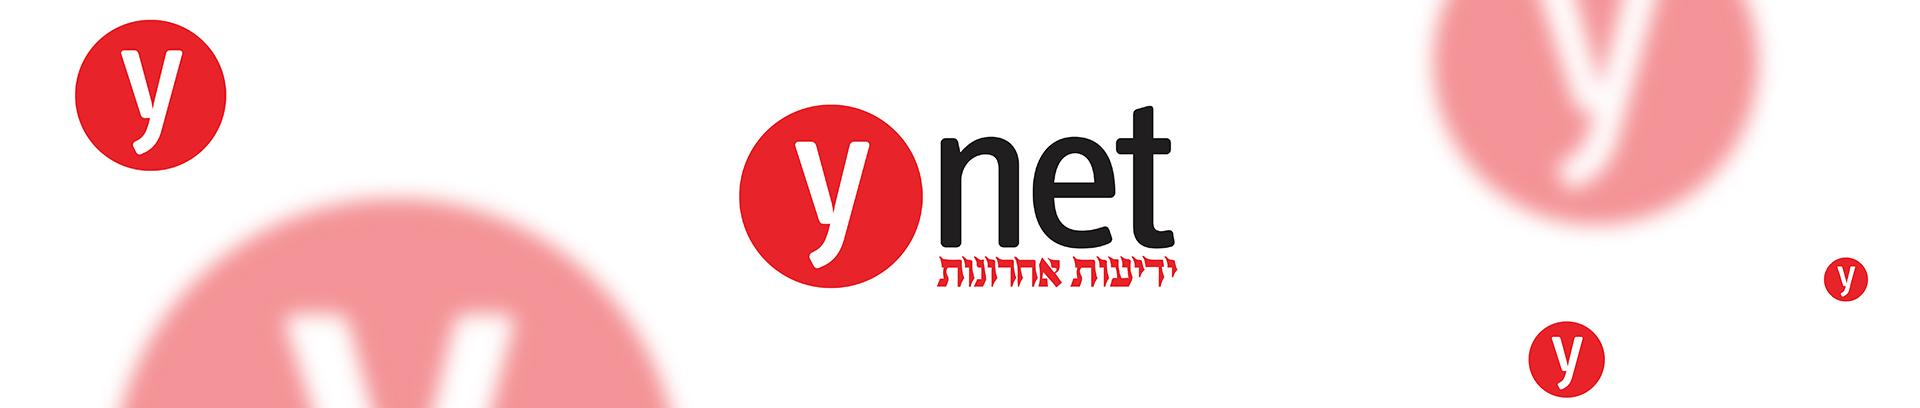 Ynet+